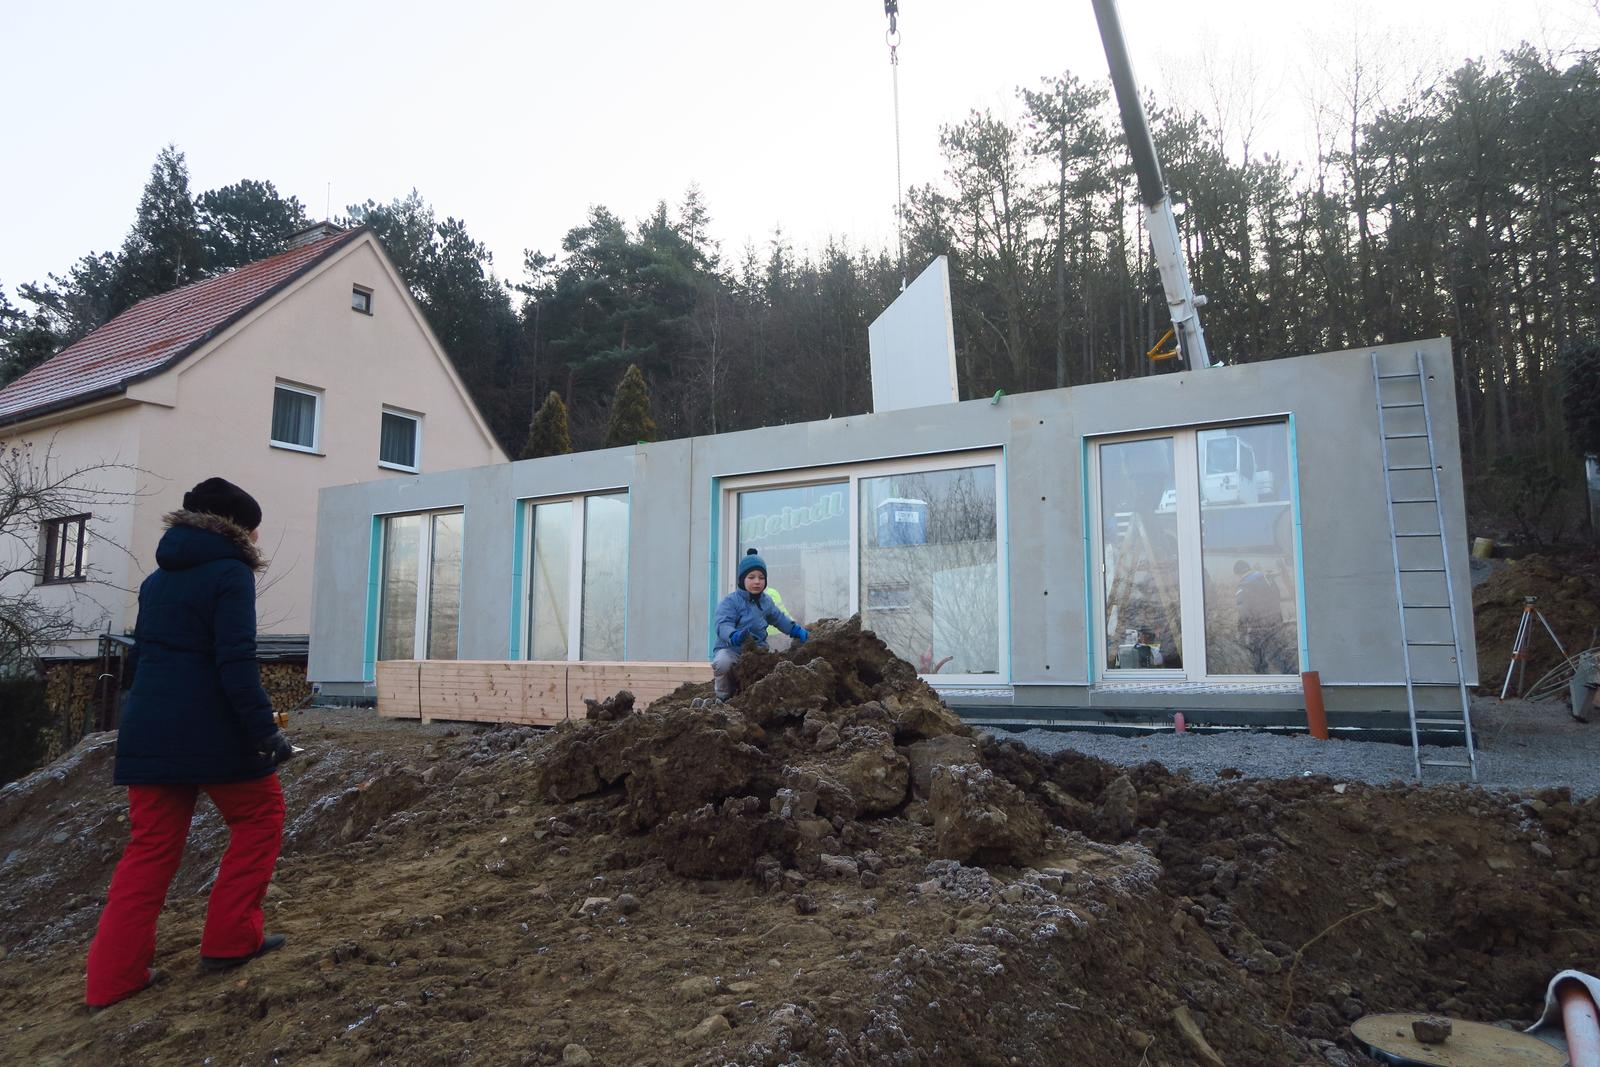 Stavba našeho bungalovu ve svahu - Obrázek č. 39